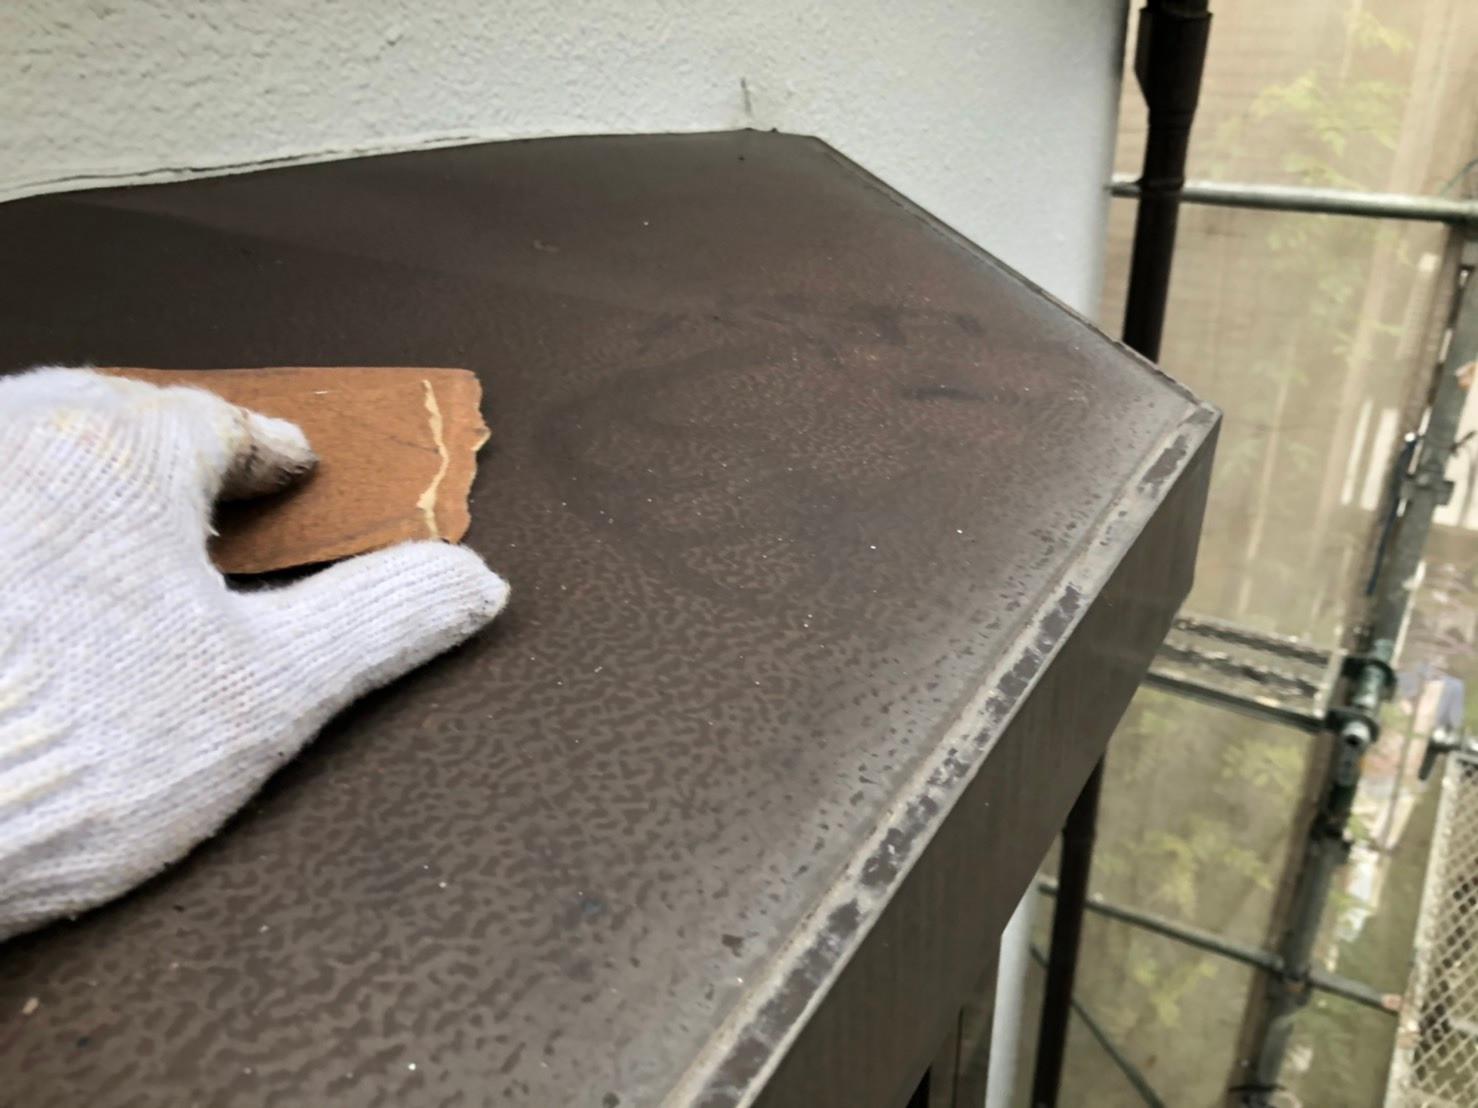 相模原市のK様邸で外壁塗装工事・屋根塗装工事の養生・付帯部ケレン作業です。 | 相模原市で多くの外壁塗装のご依頼を請け負うハートフルペイントのブログ